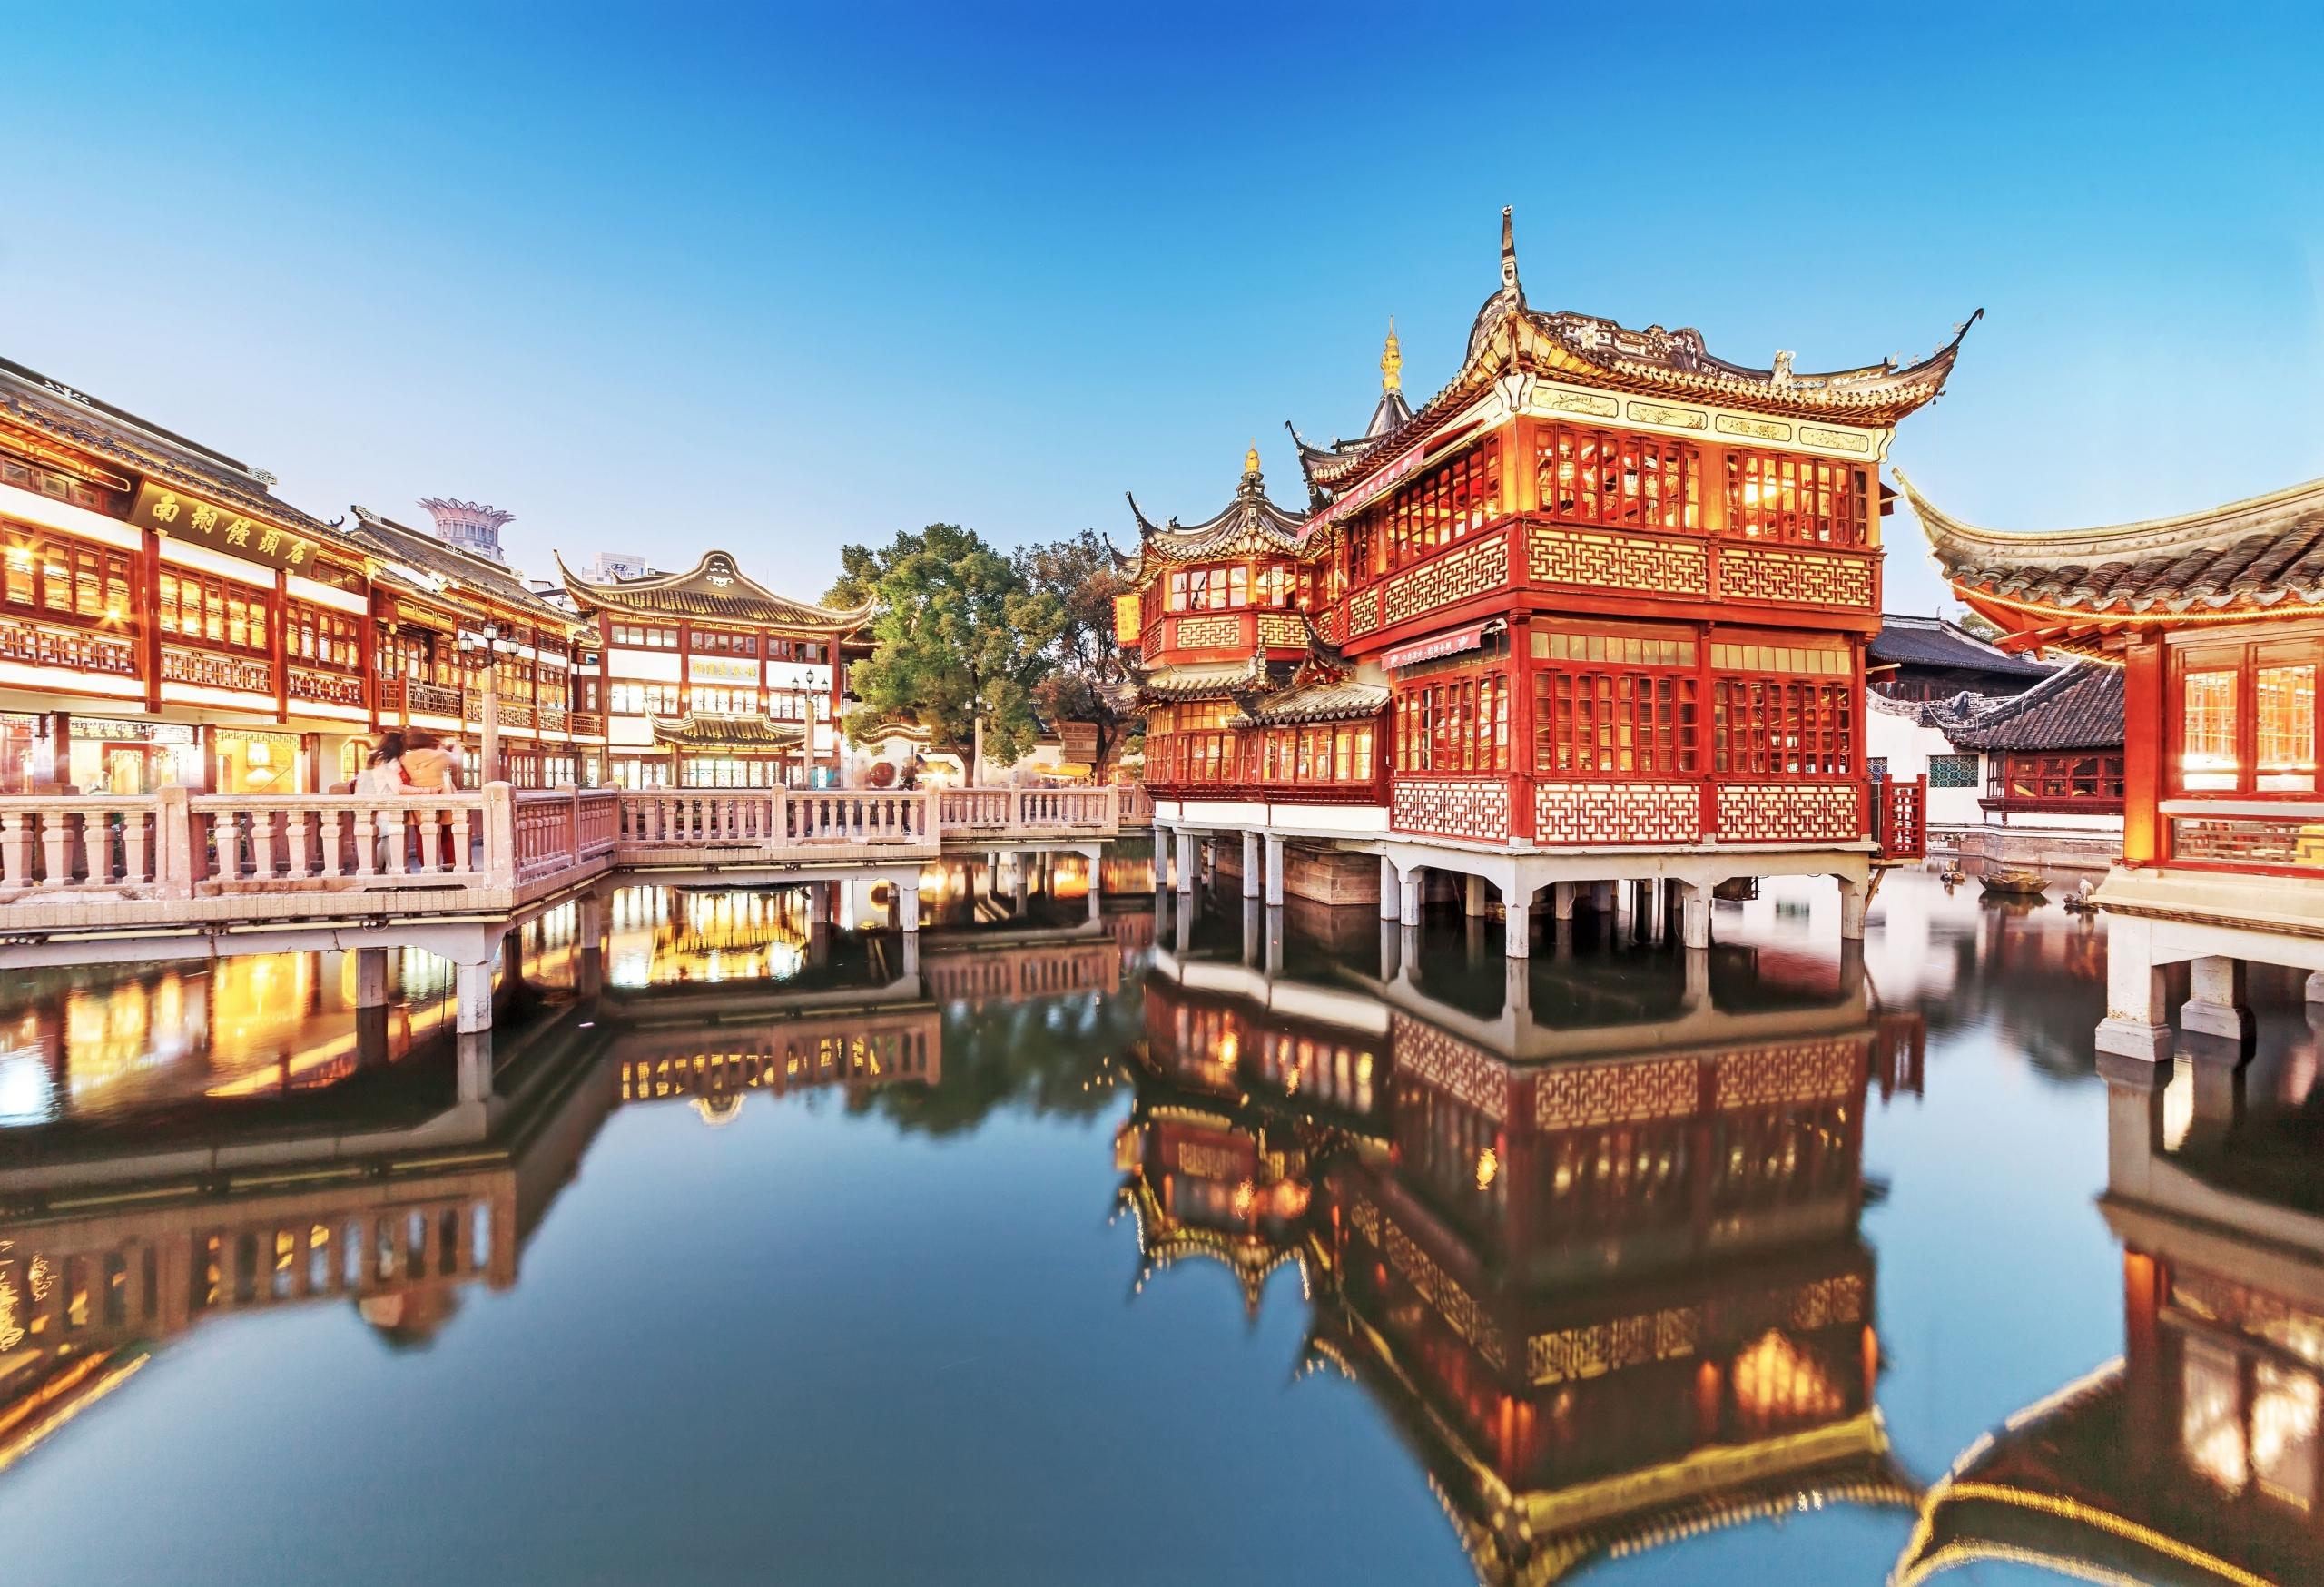 بهترین کتب خودآموز یادگیری زبان چینی